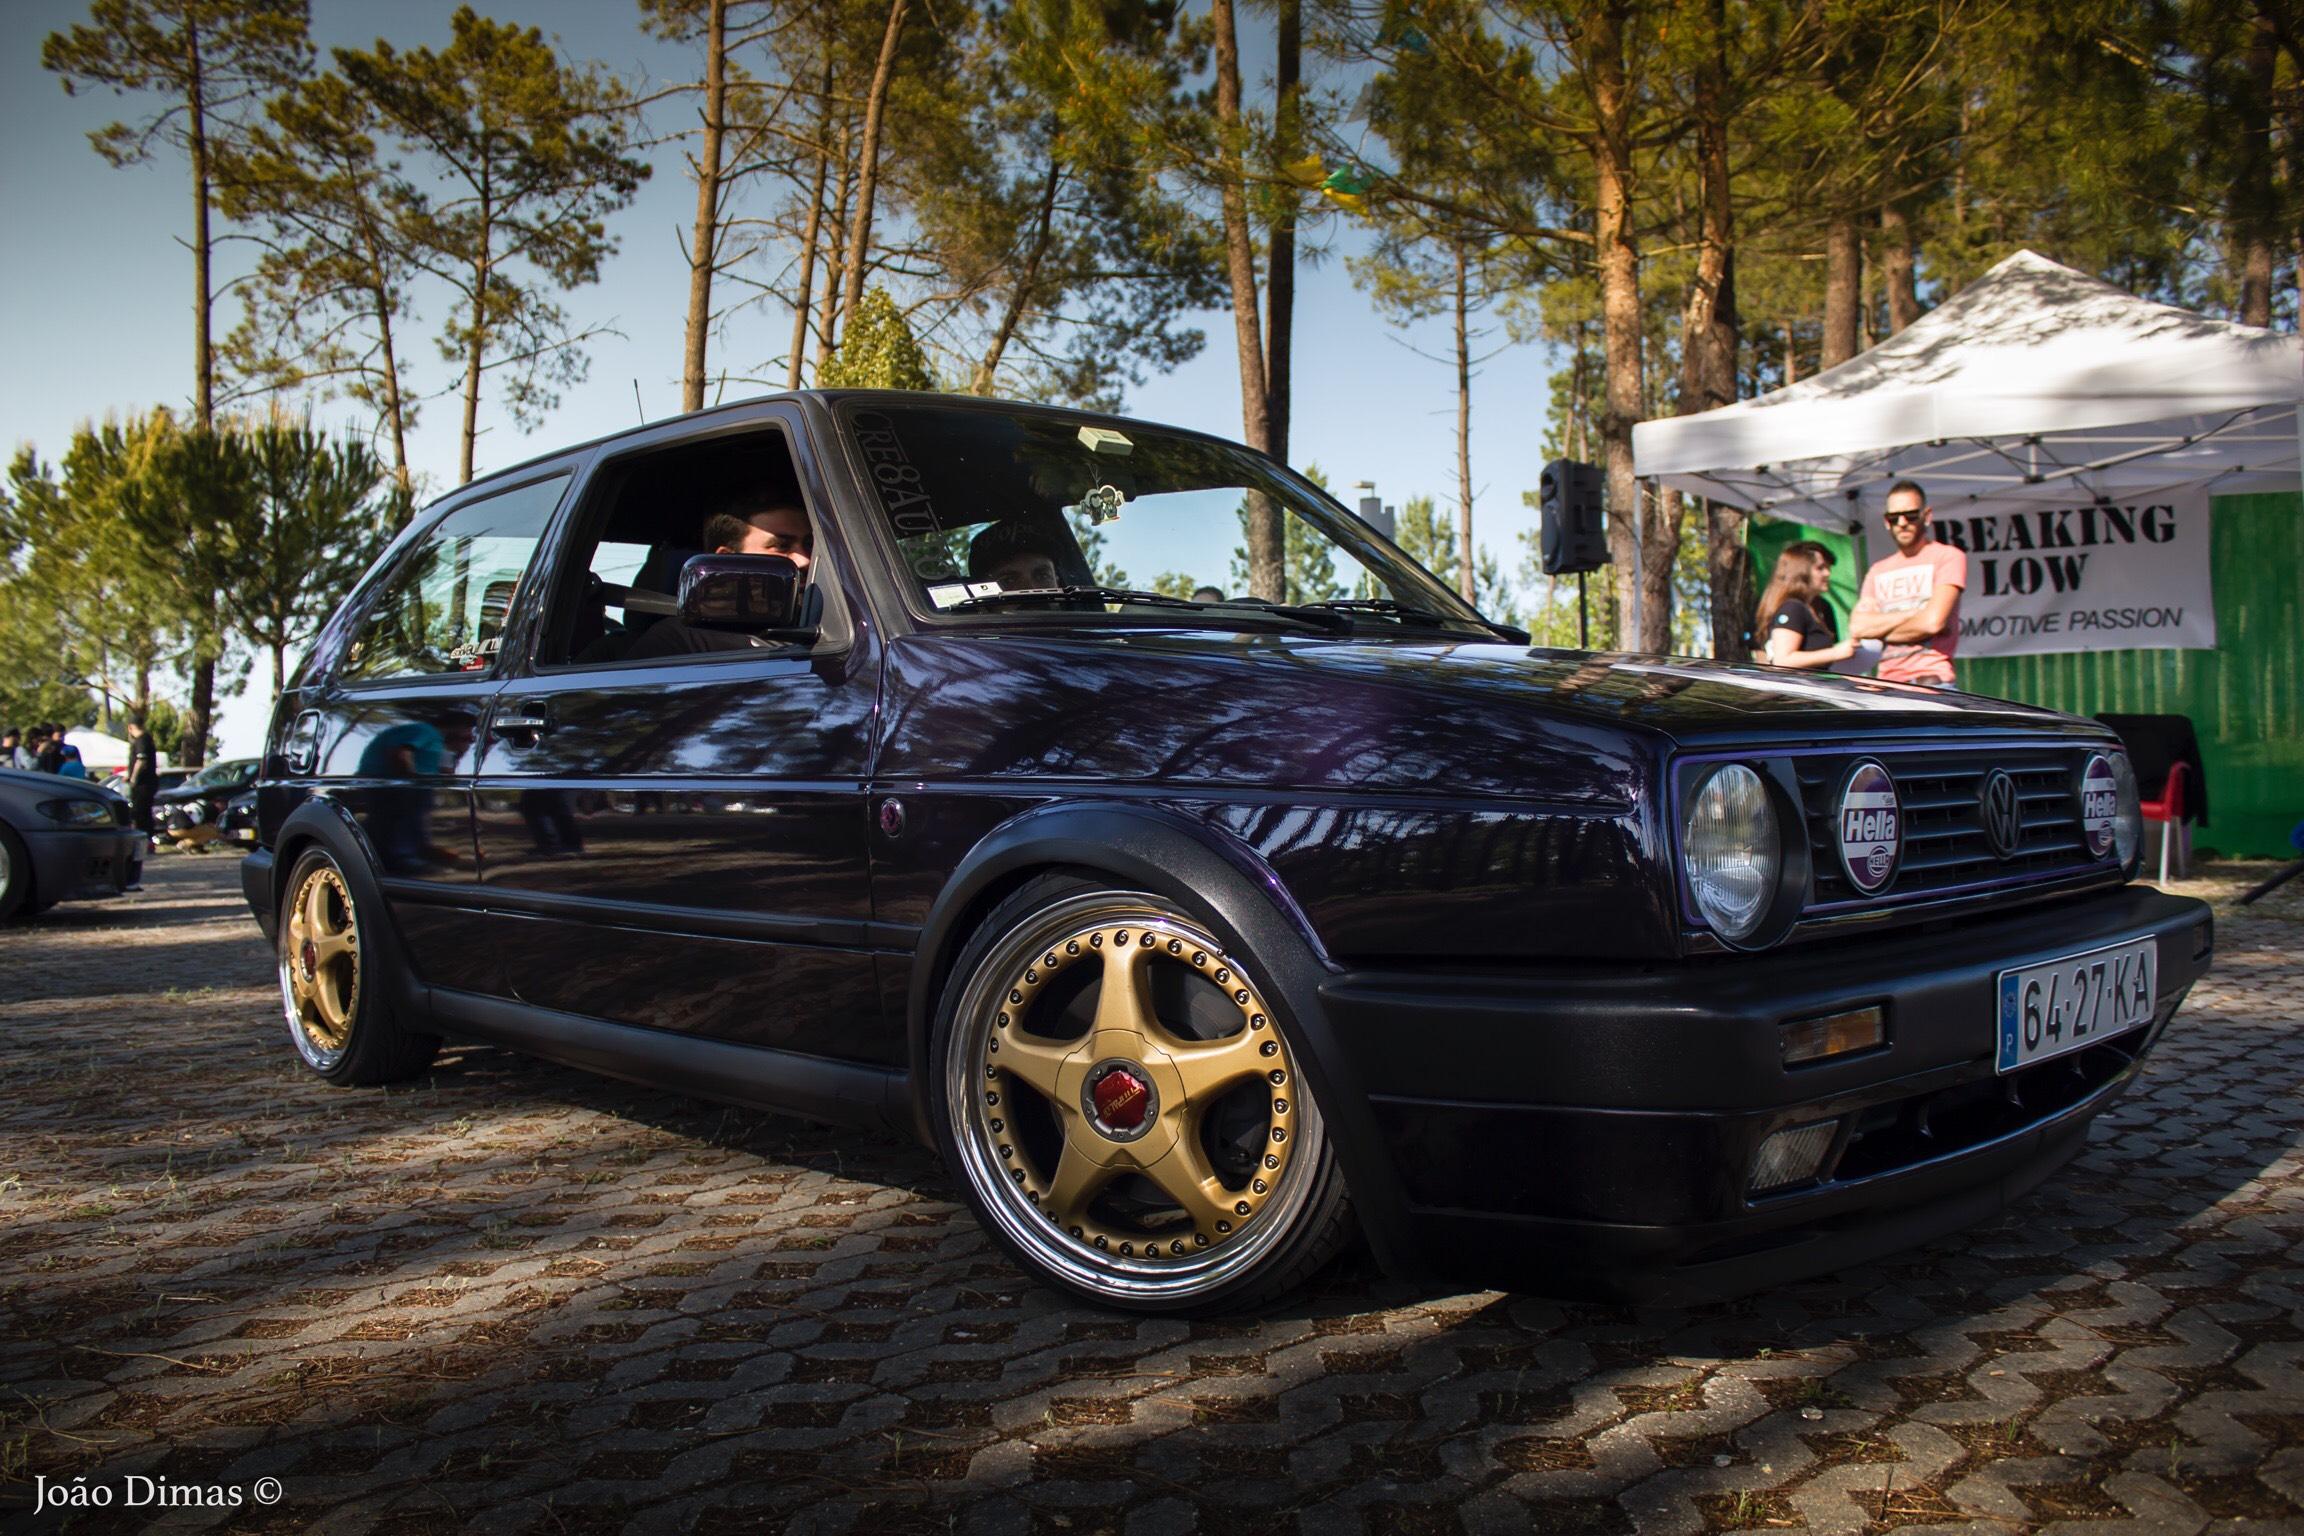 Niewiarygodnie Golf MK2 with a rare set of OZ Fittipaldi AH67